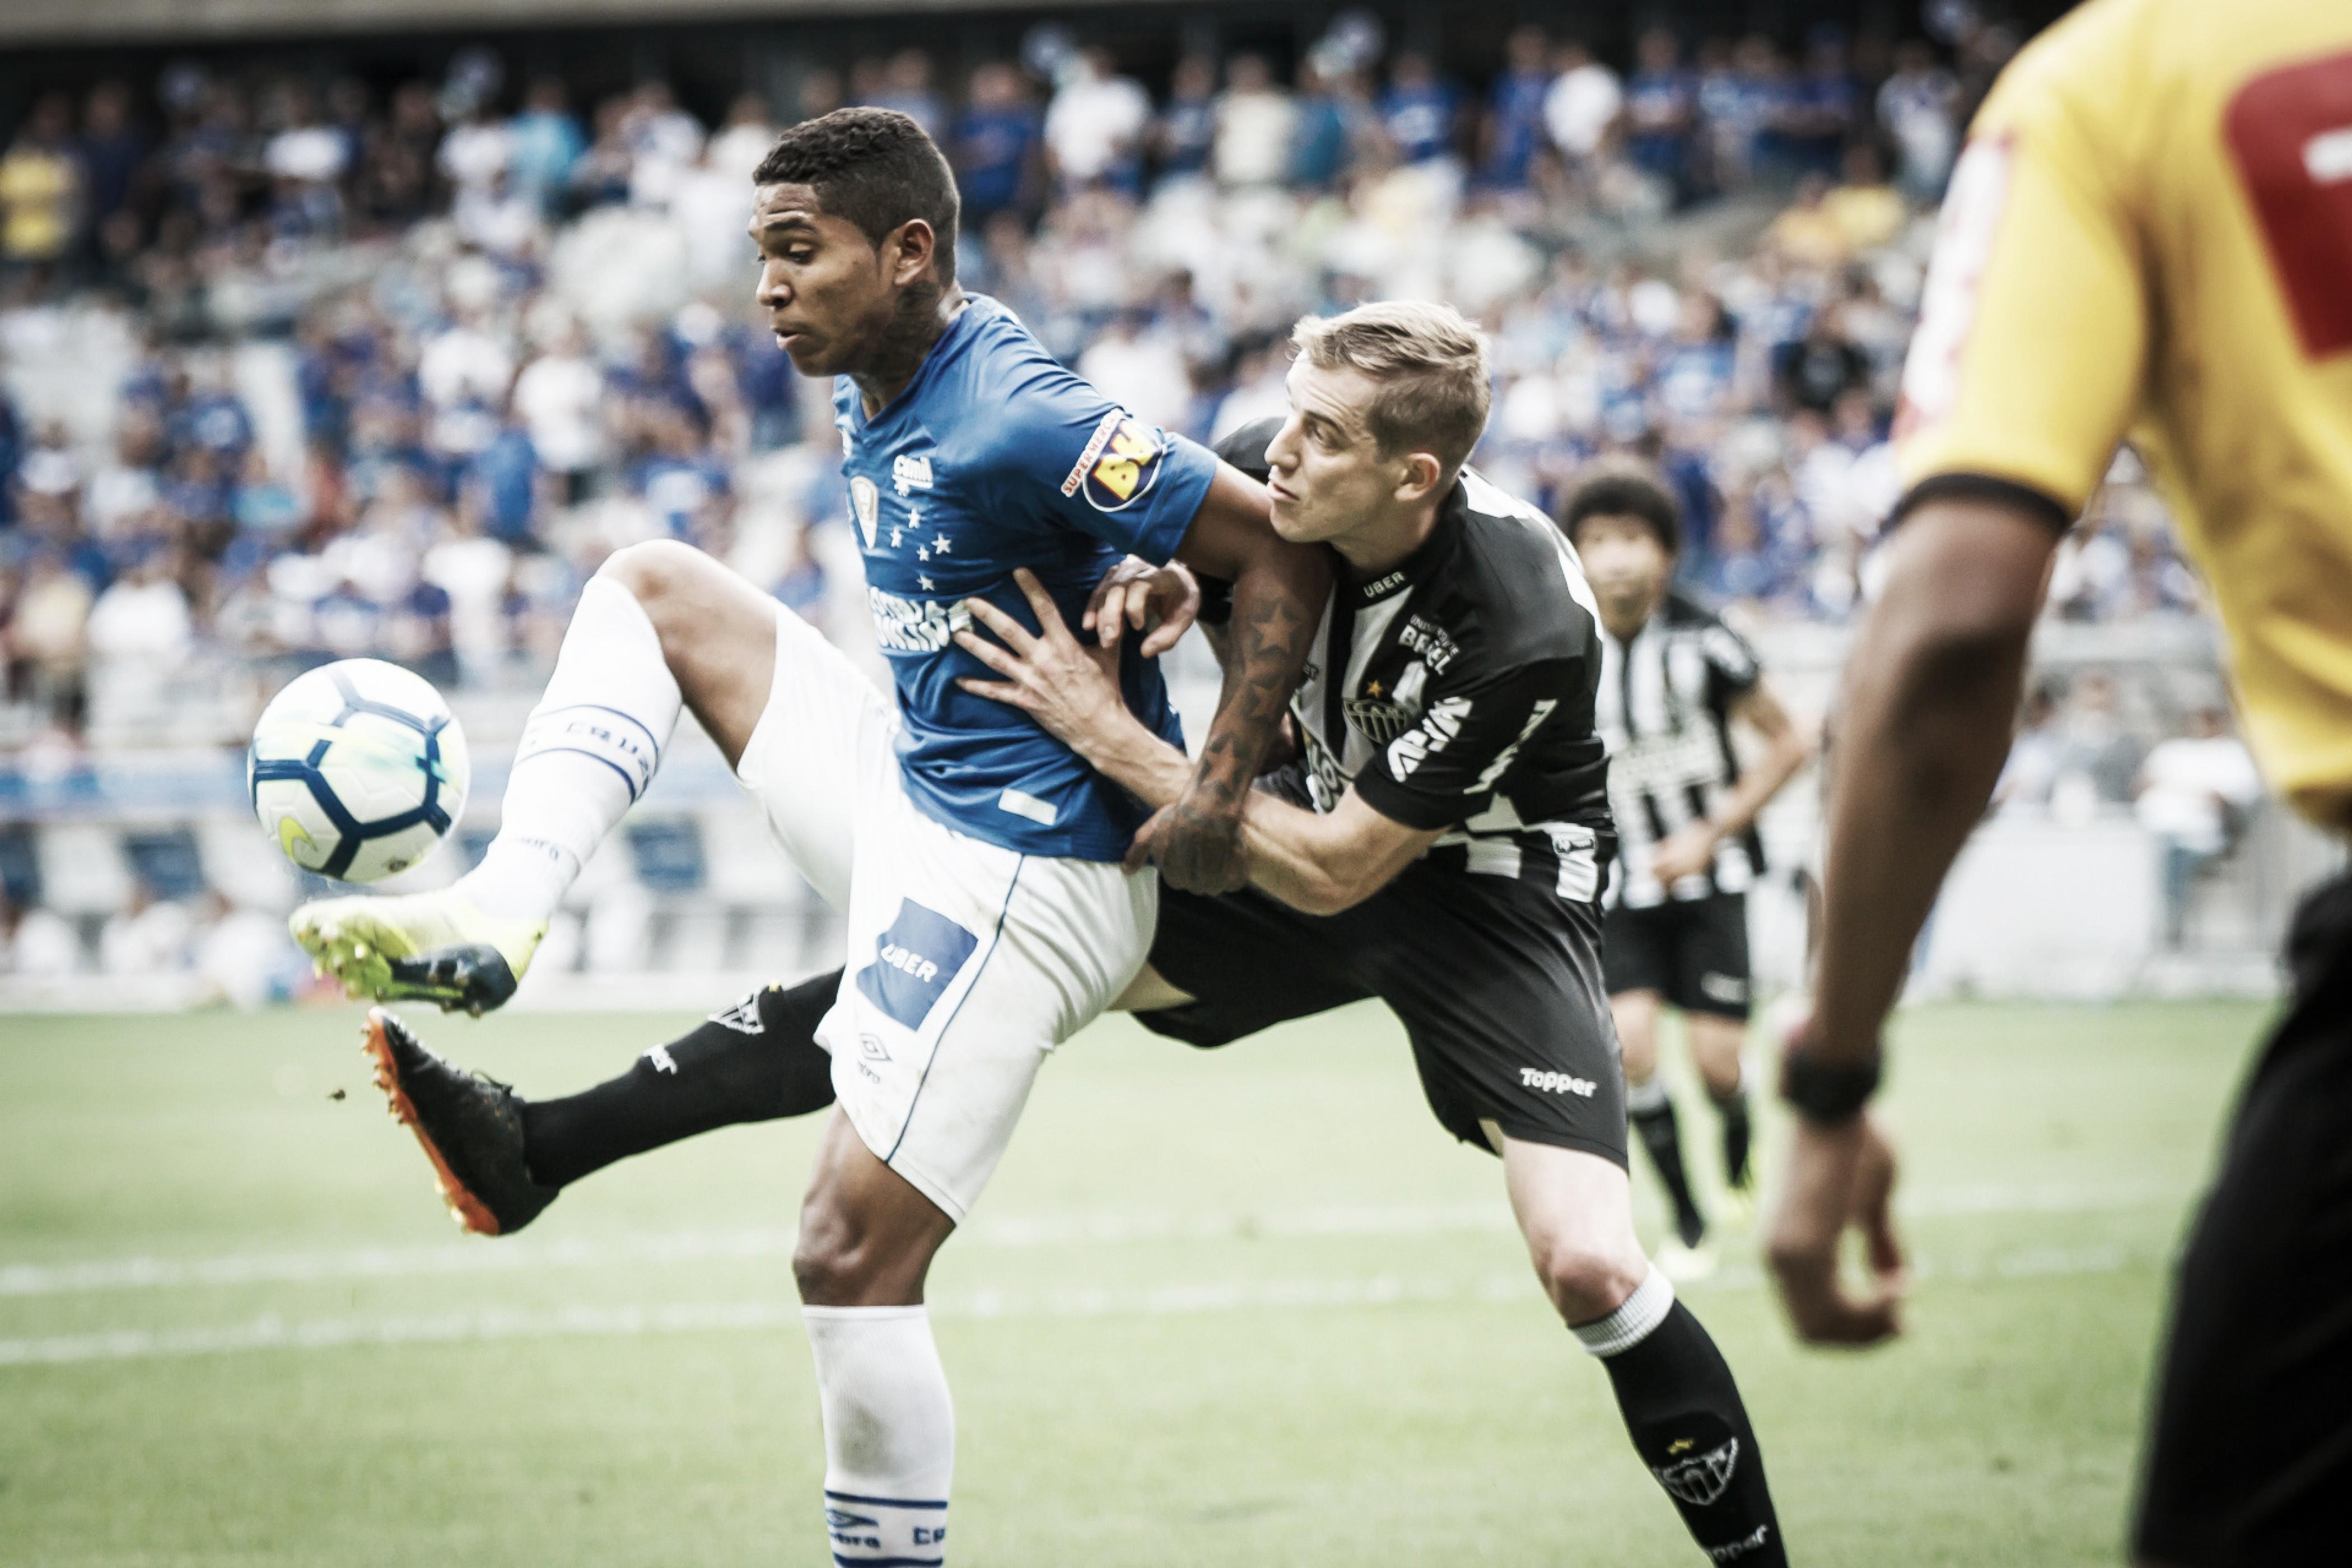 Em jogo travado, Cruzeiro e Atlético-MG empatam sem gols no Mineirão